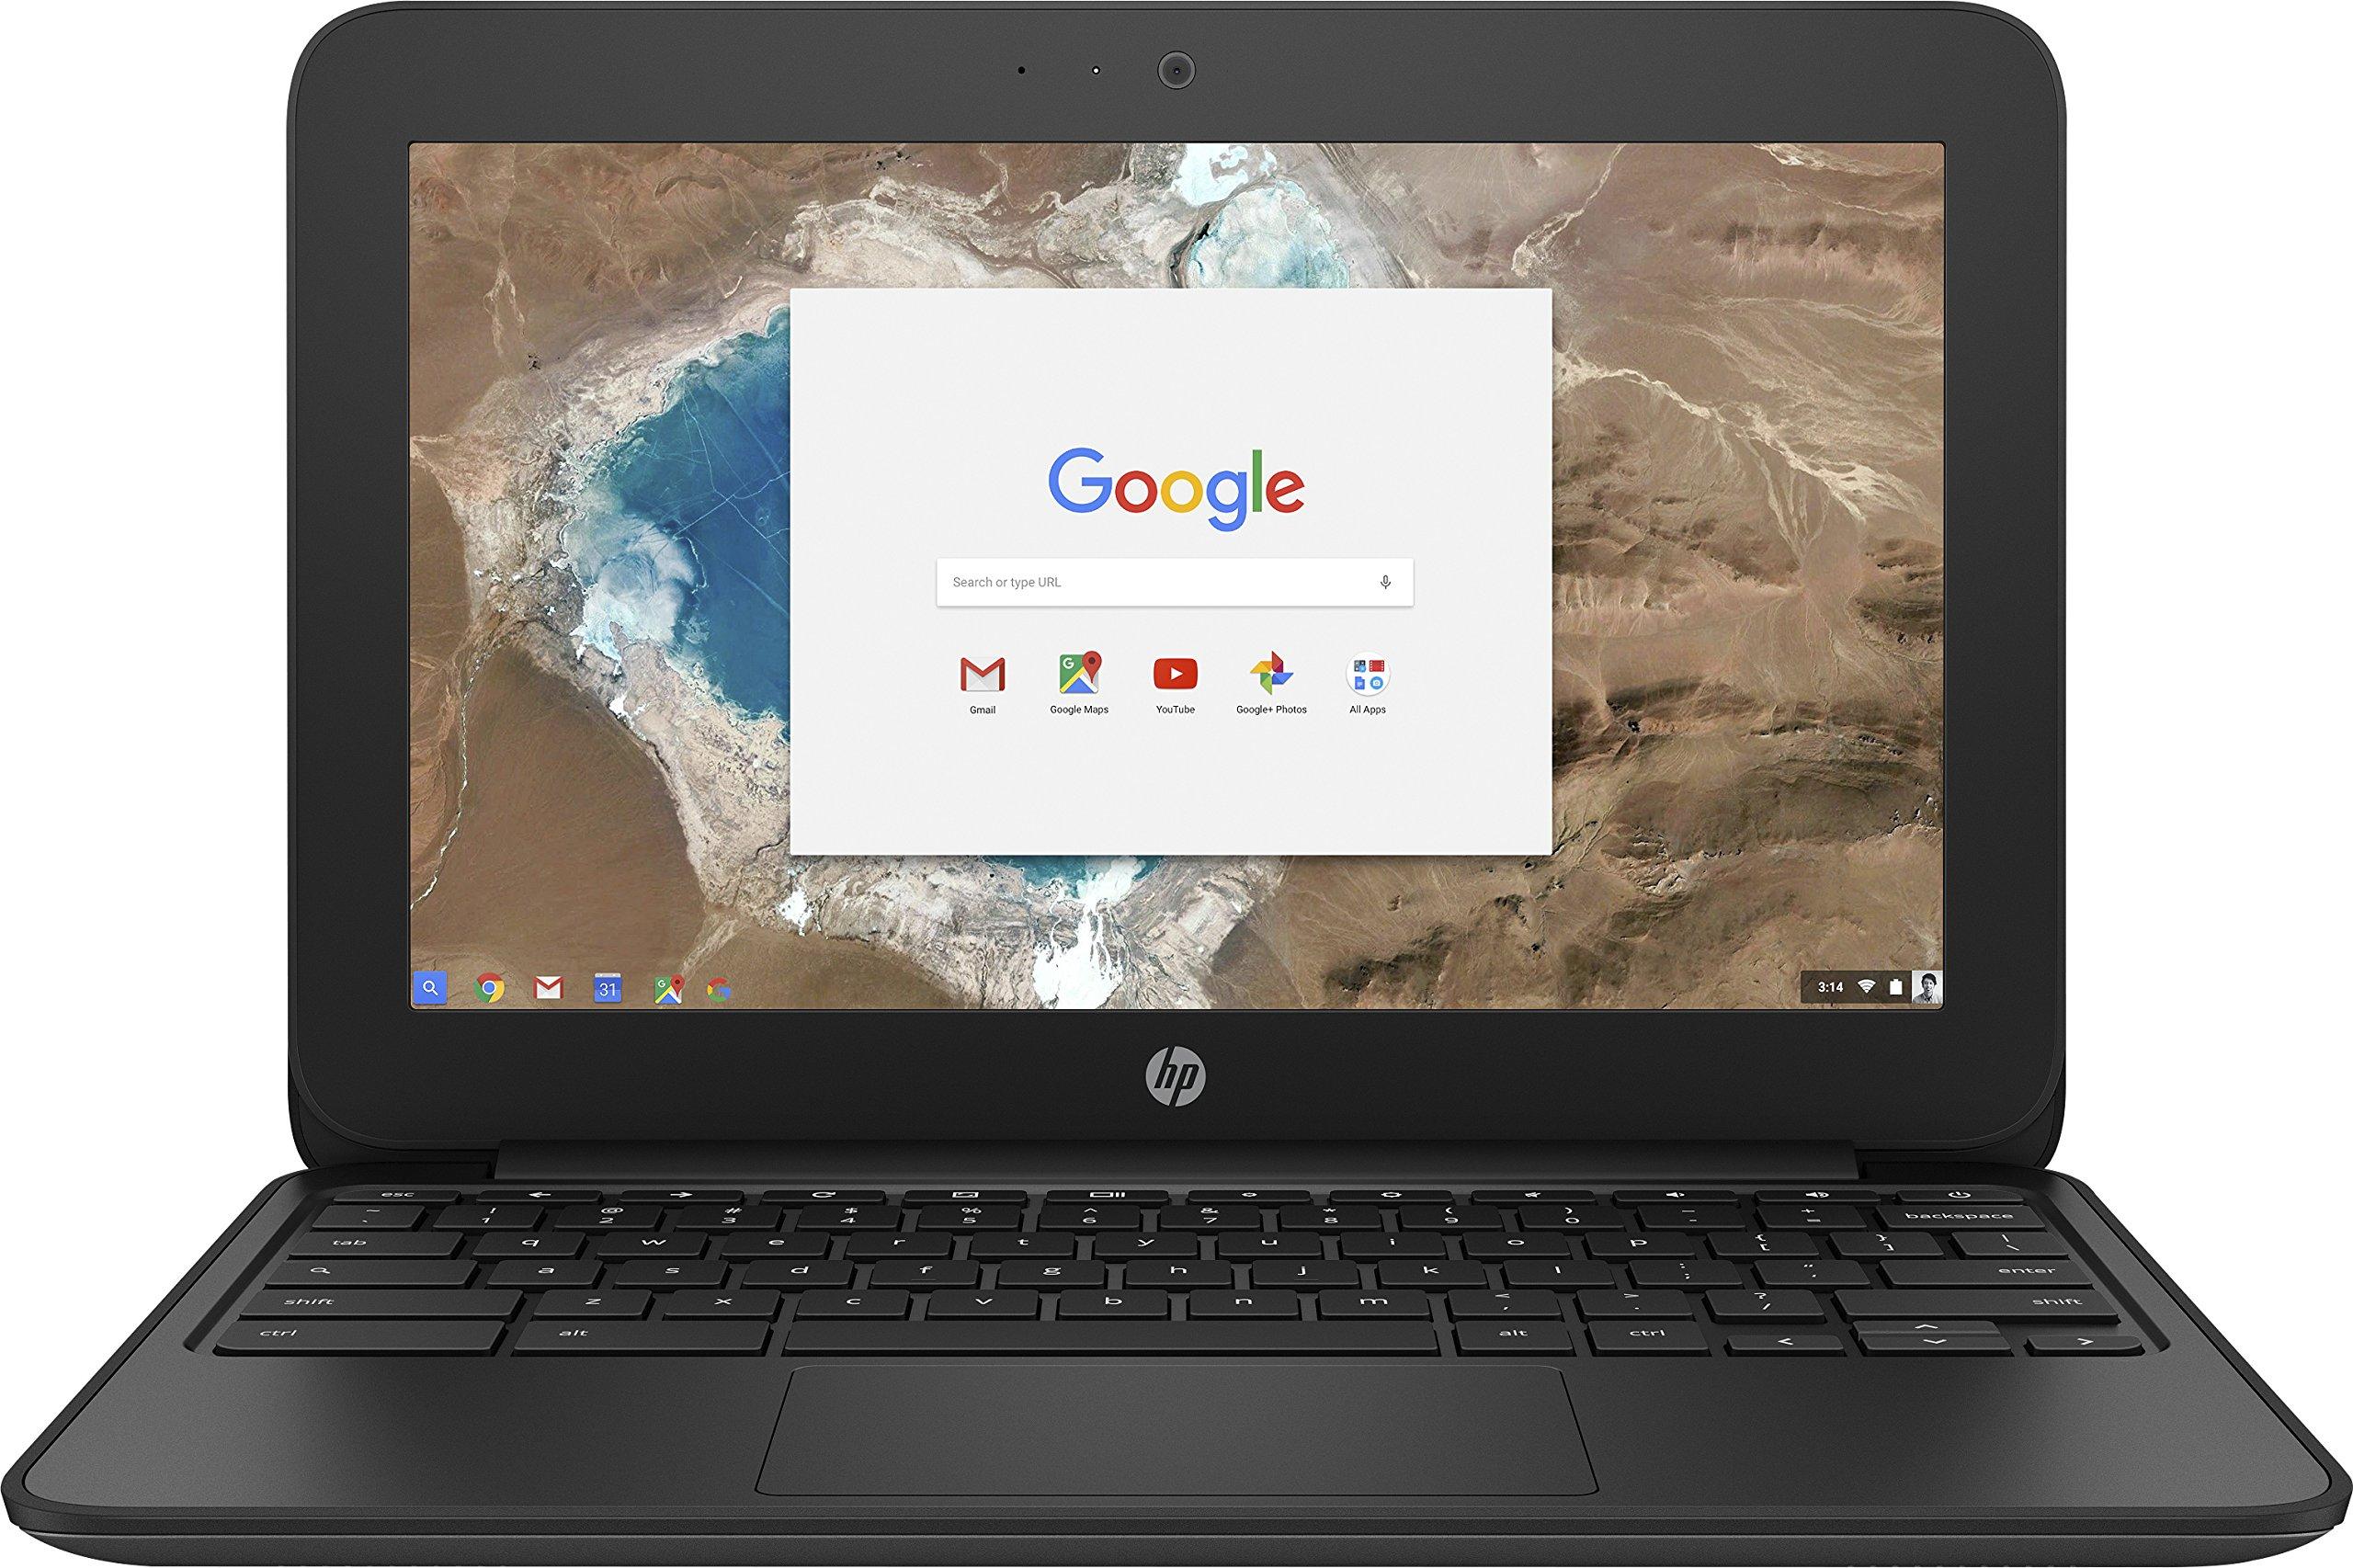 HP G5 11.6 inch HD Chromebook Intel Celeron N3060 (1.60 GHz) 2 GB Ram 16 GB eMMC SSD Chrome OS